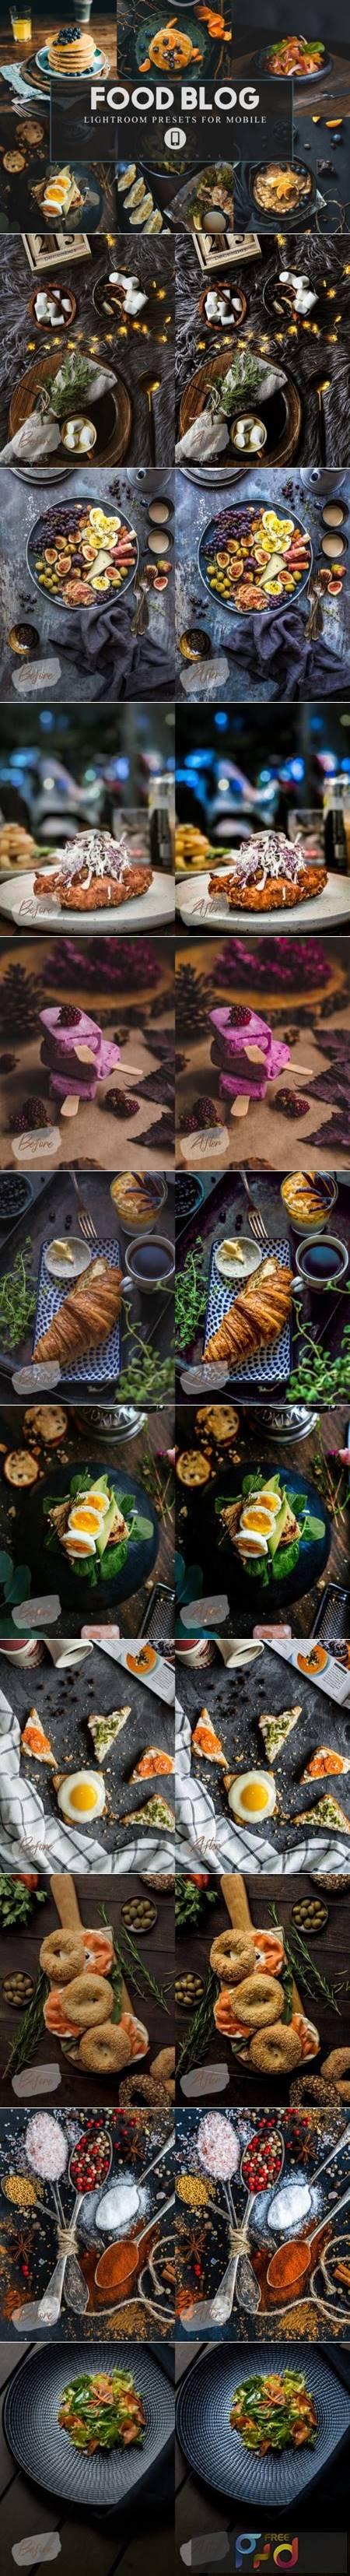 08 Food Blog Mobile Lightroom Presets 3824032 1